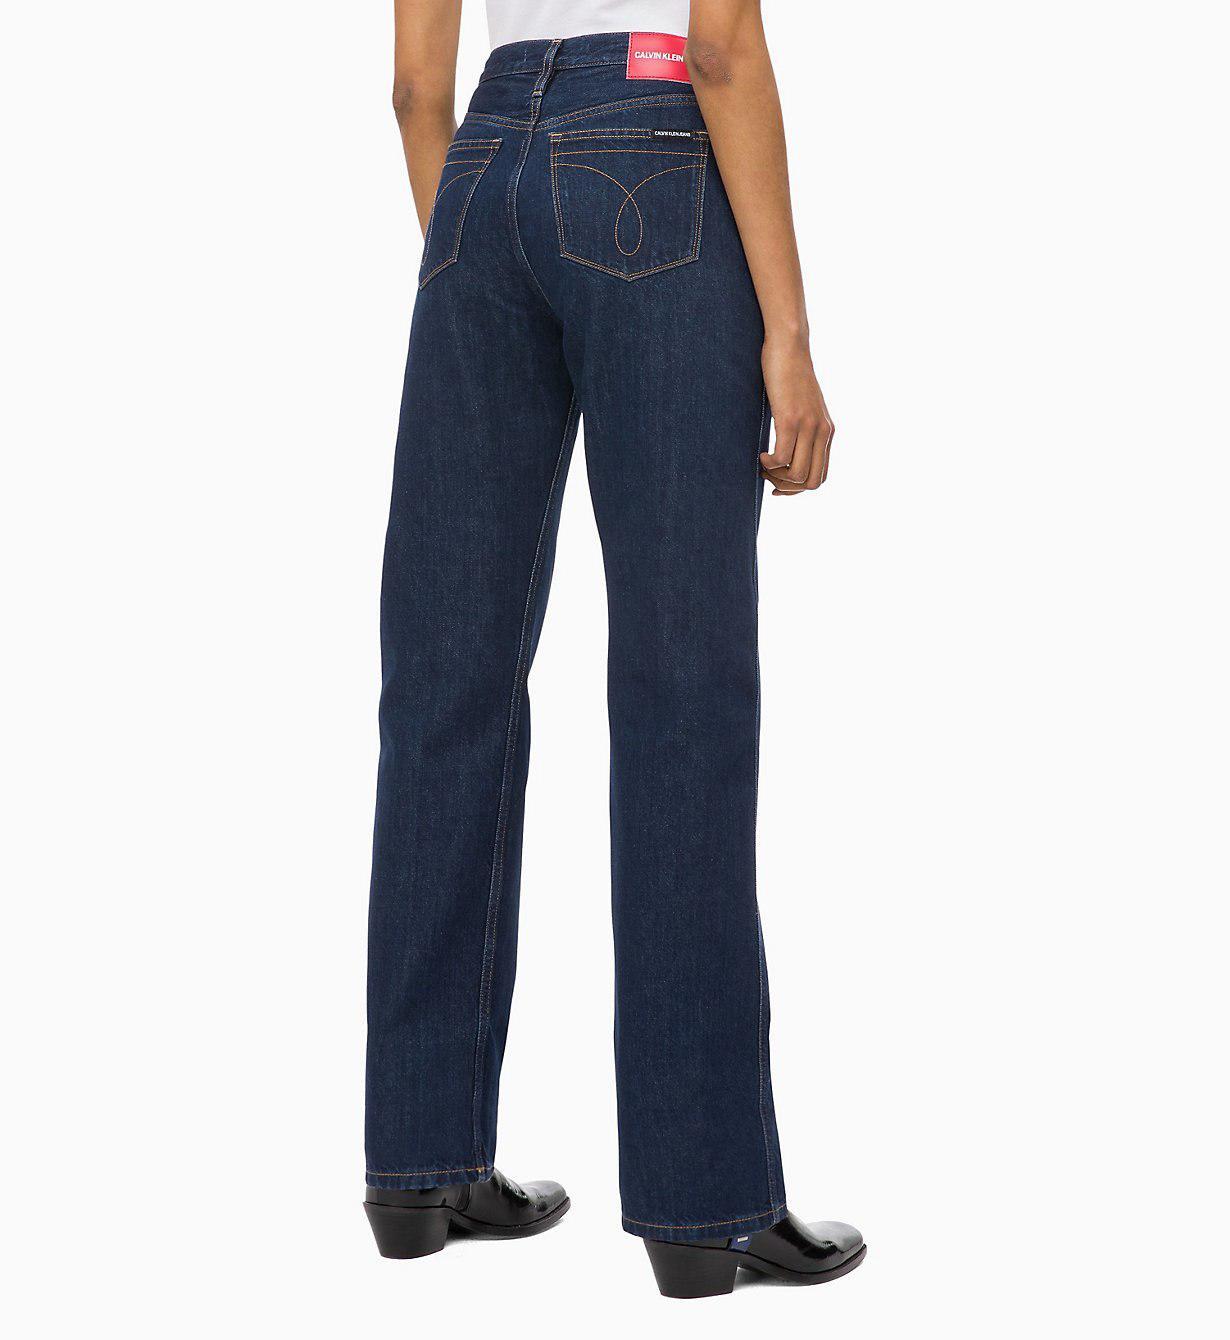 Calvin Klein - Blue Ckj 030 High Rise Straight Jeans - Lyst. View fullscreen 70bd0597c5